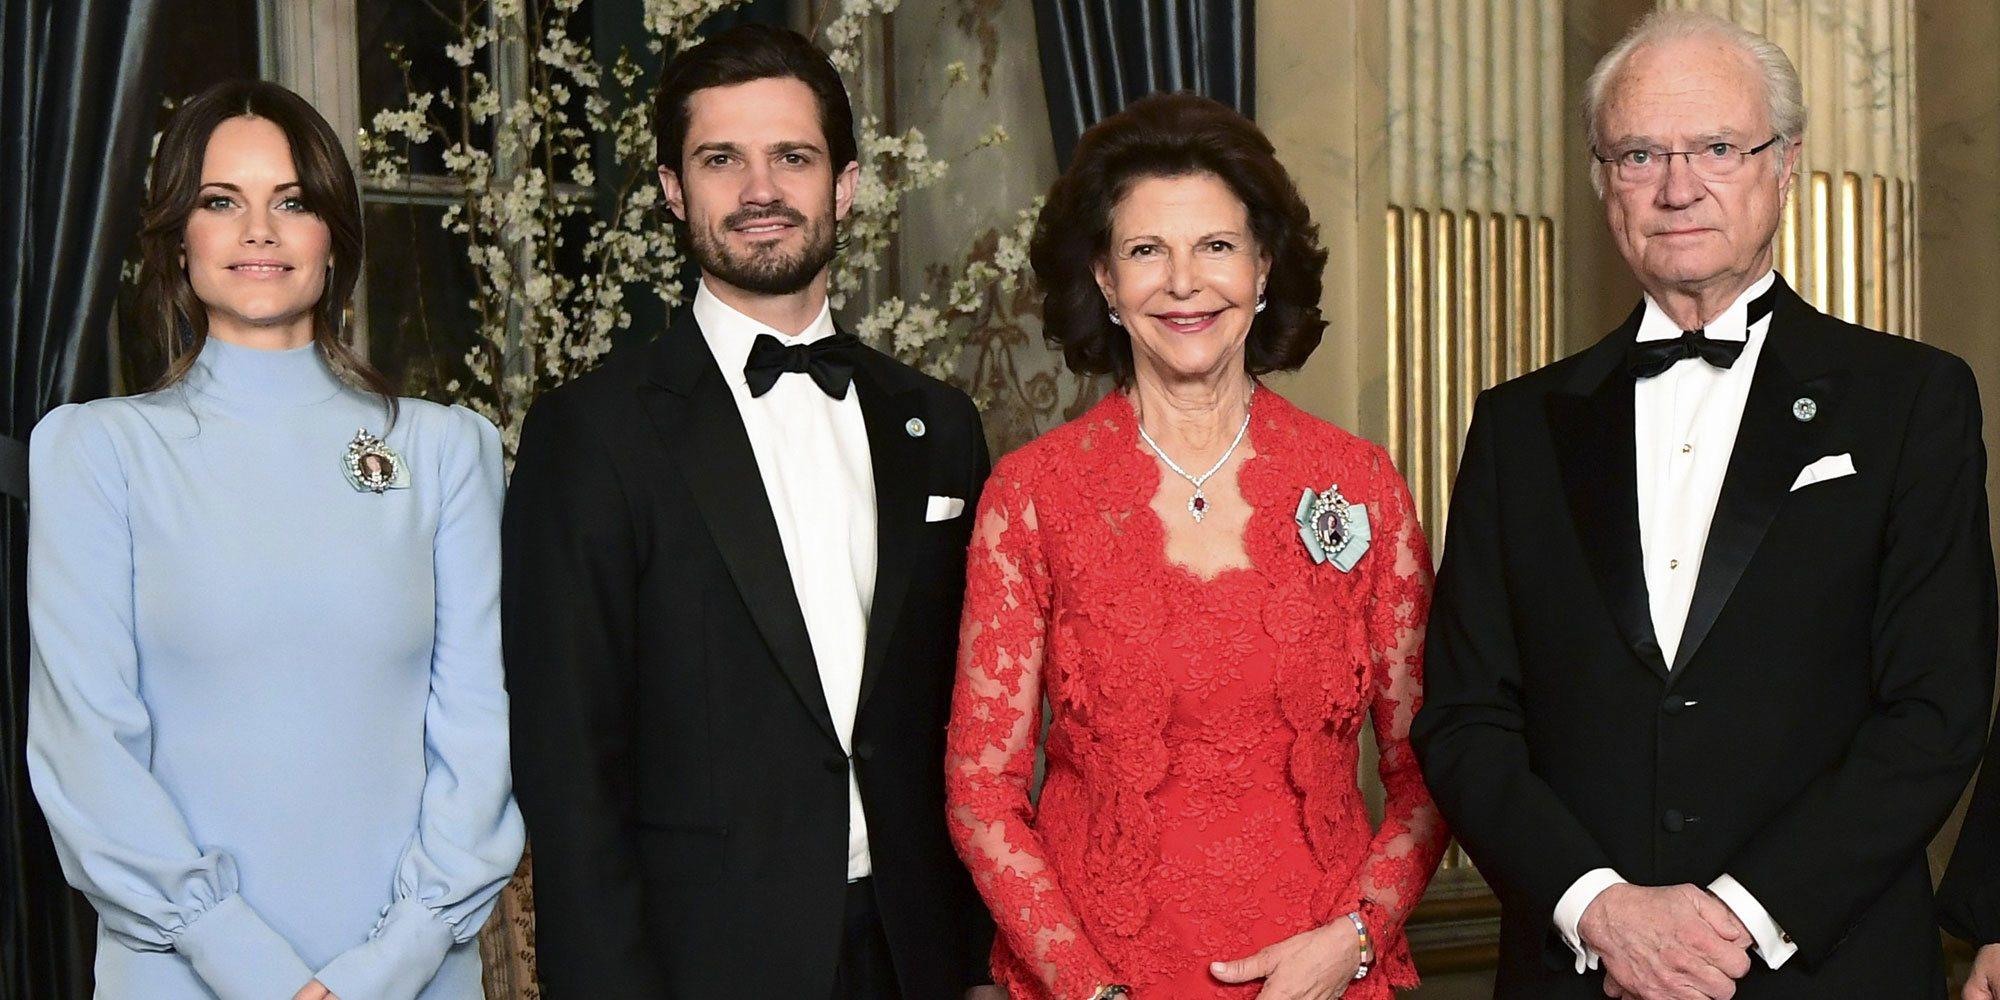 El invitado inesperado en el Te Deum con el que la Familia Real Sueca celebró el nacimiento de Julian de Suecia